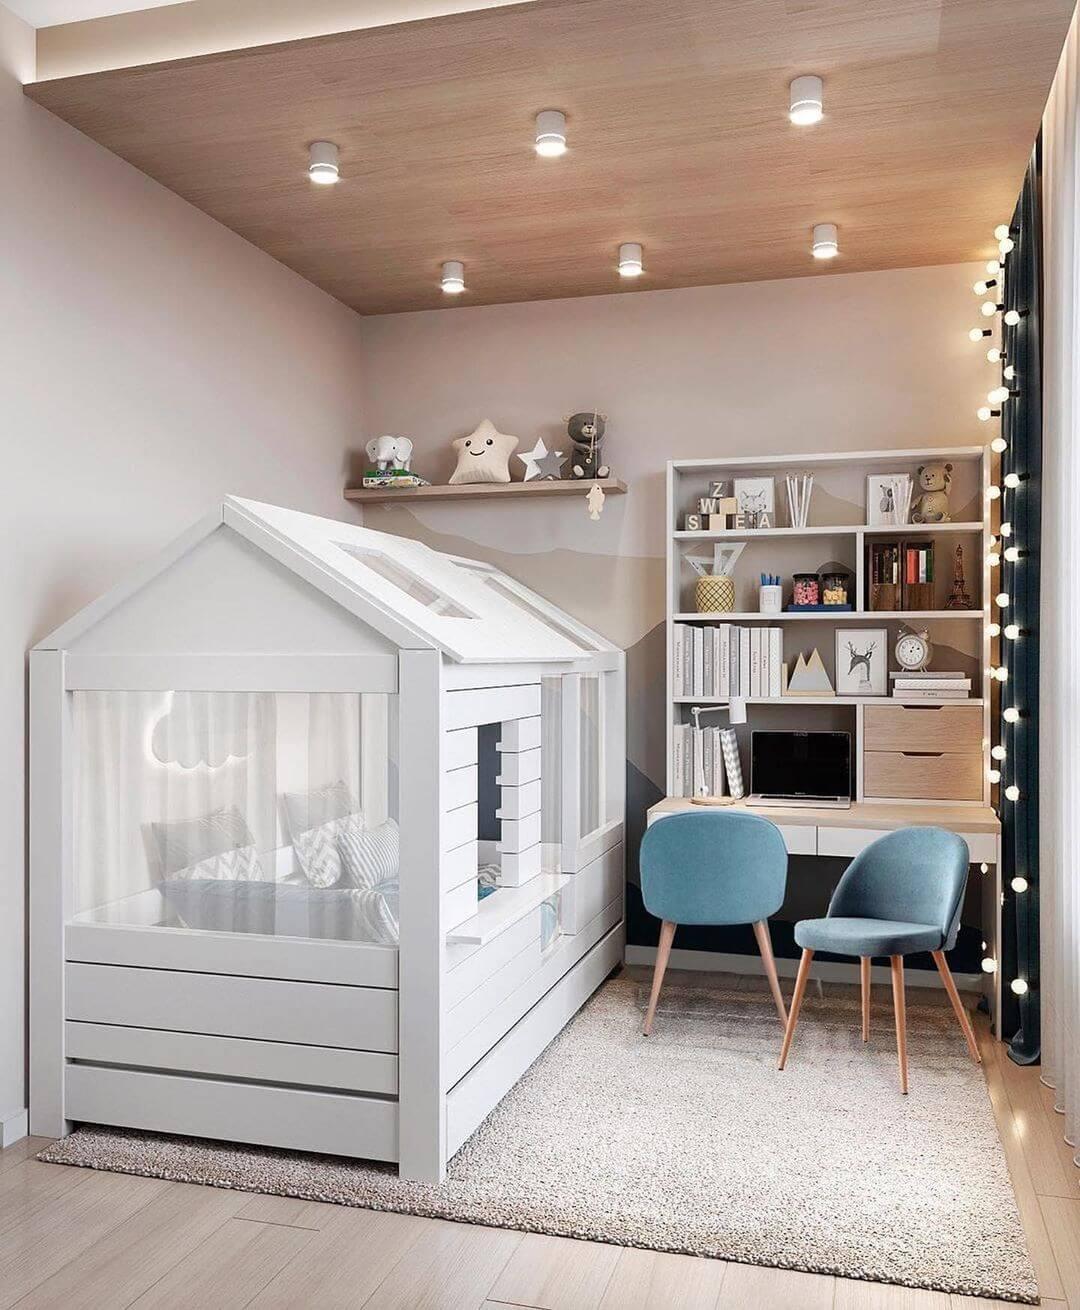 Дизайн комнаты для дошкольника 3